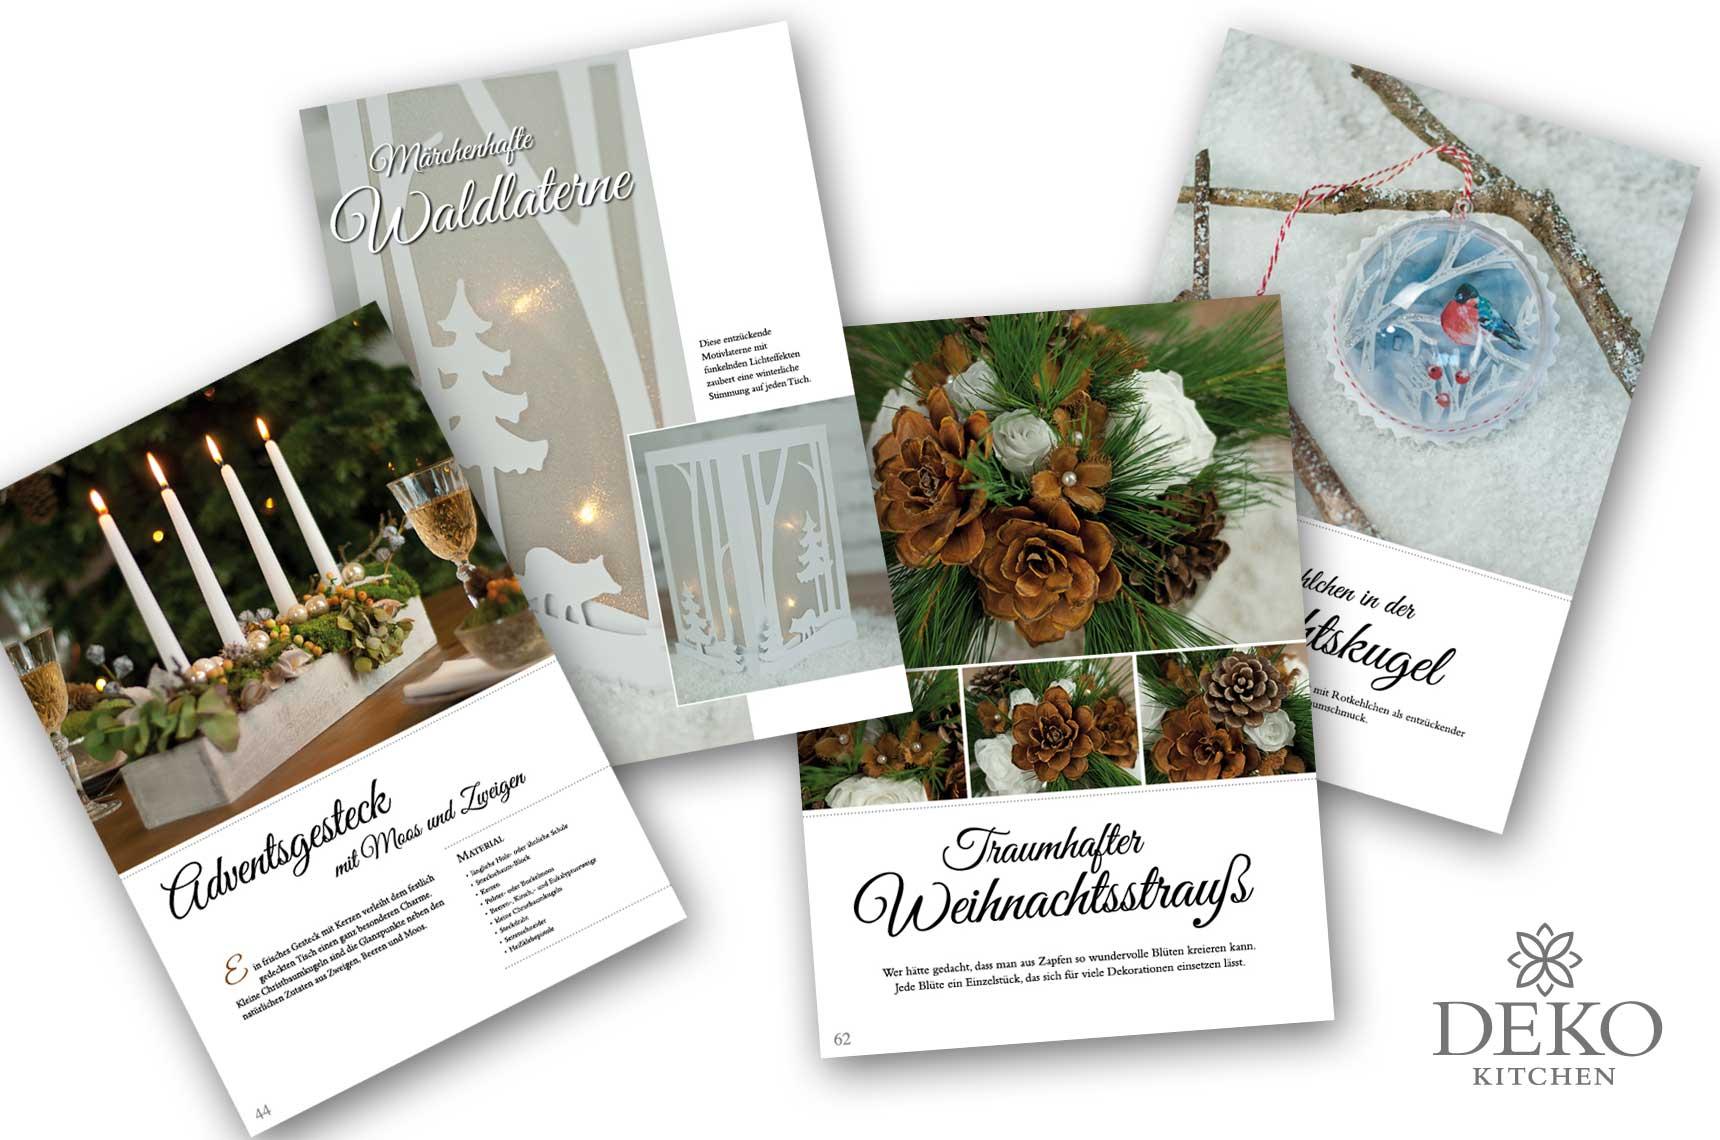 Weihnachtsdeko Katalog.Wunderschöne Weihnachtsdeko Zum Selbermachen Deko Kitchen Shop